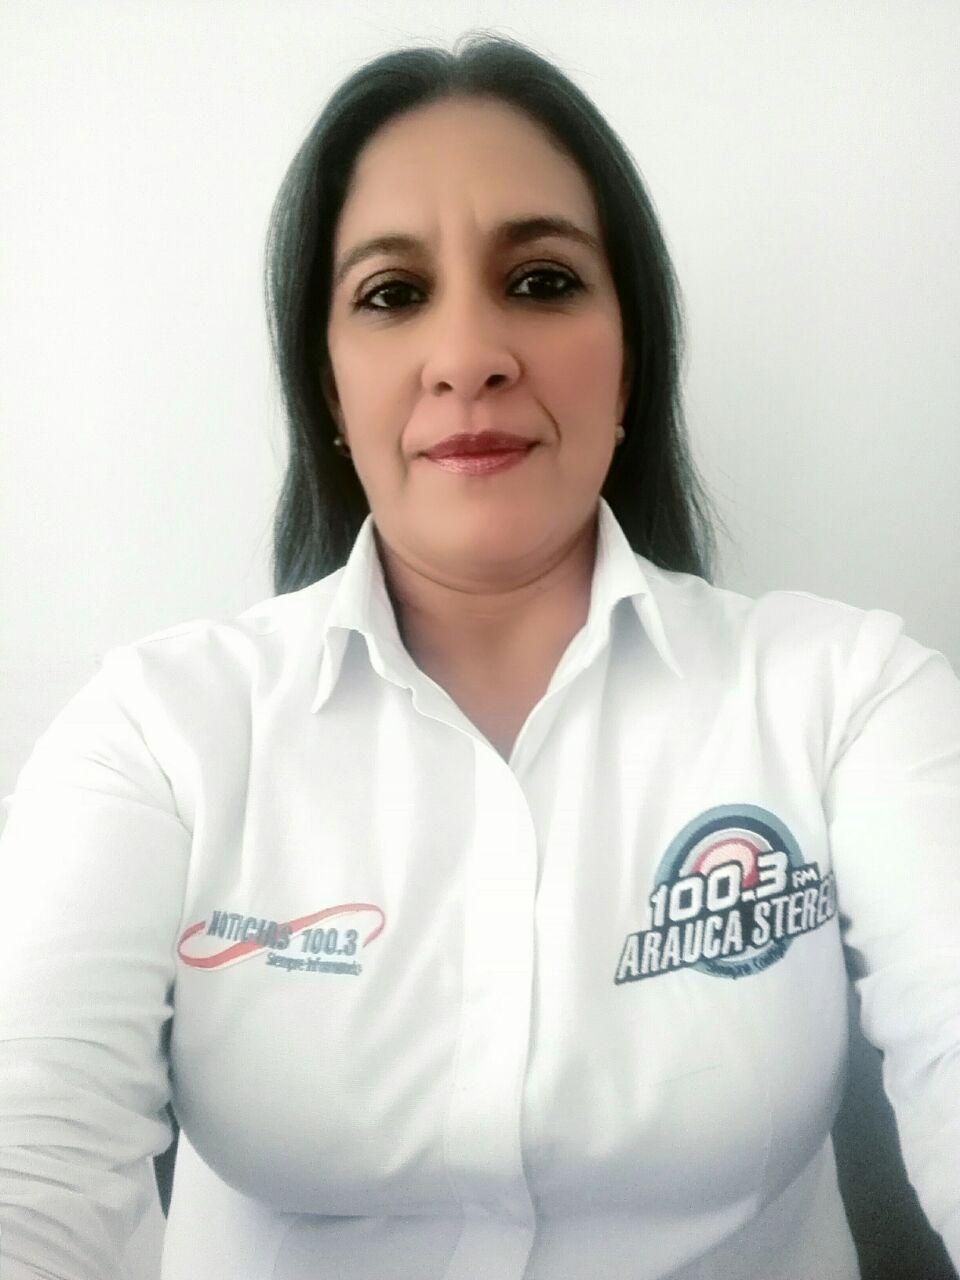 Sandra Milena Buitrago  Arauca